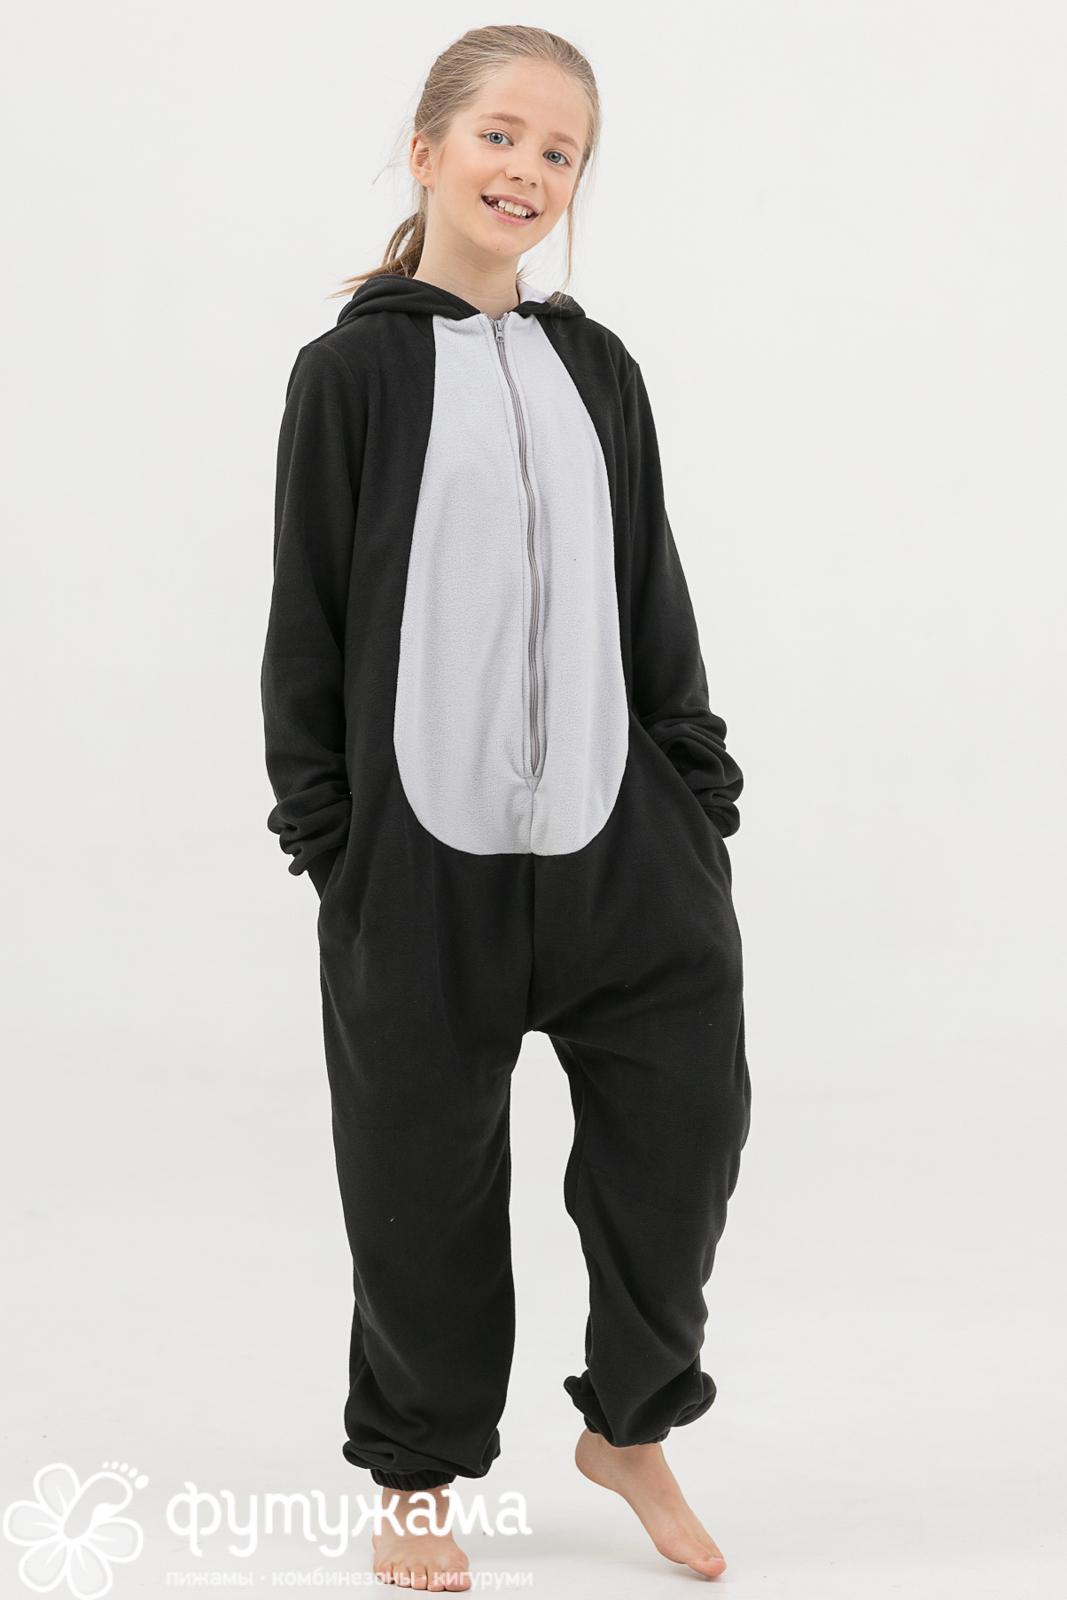 Детская пижама-кигуруми Пингвин (3-4 года) фото